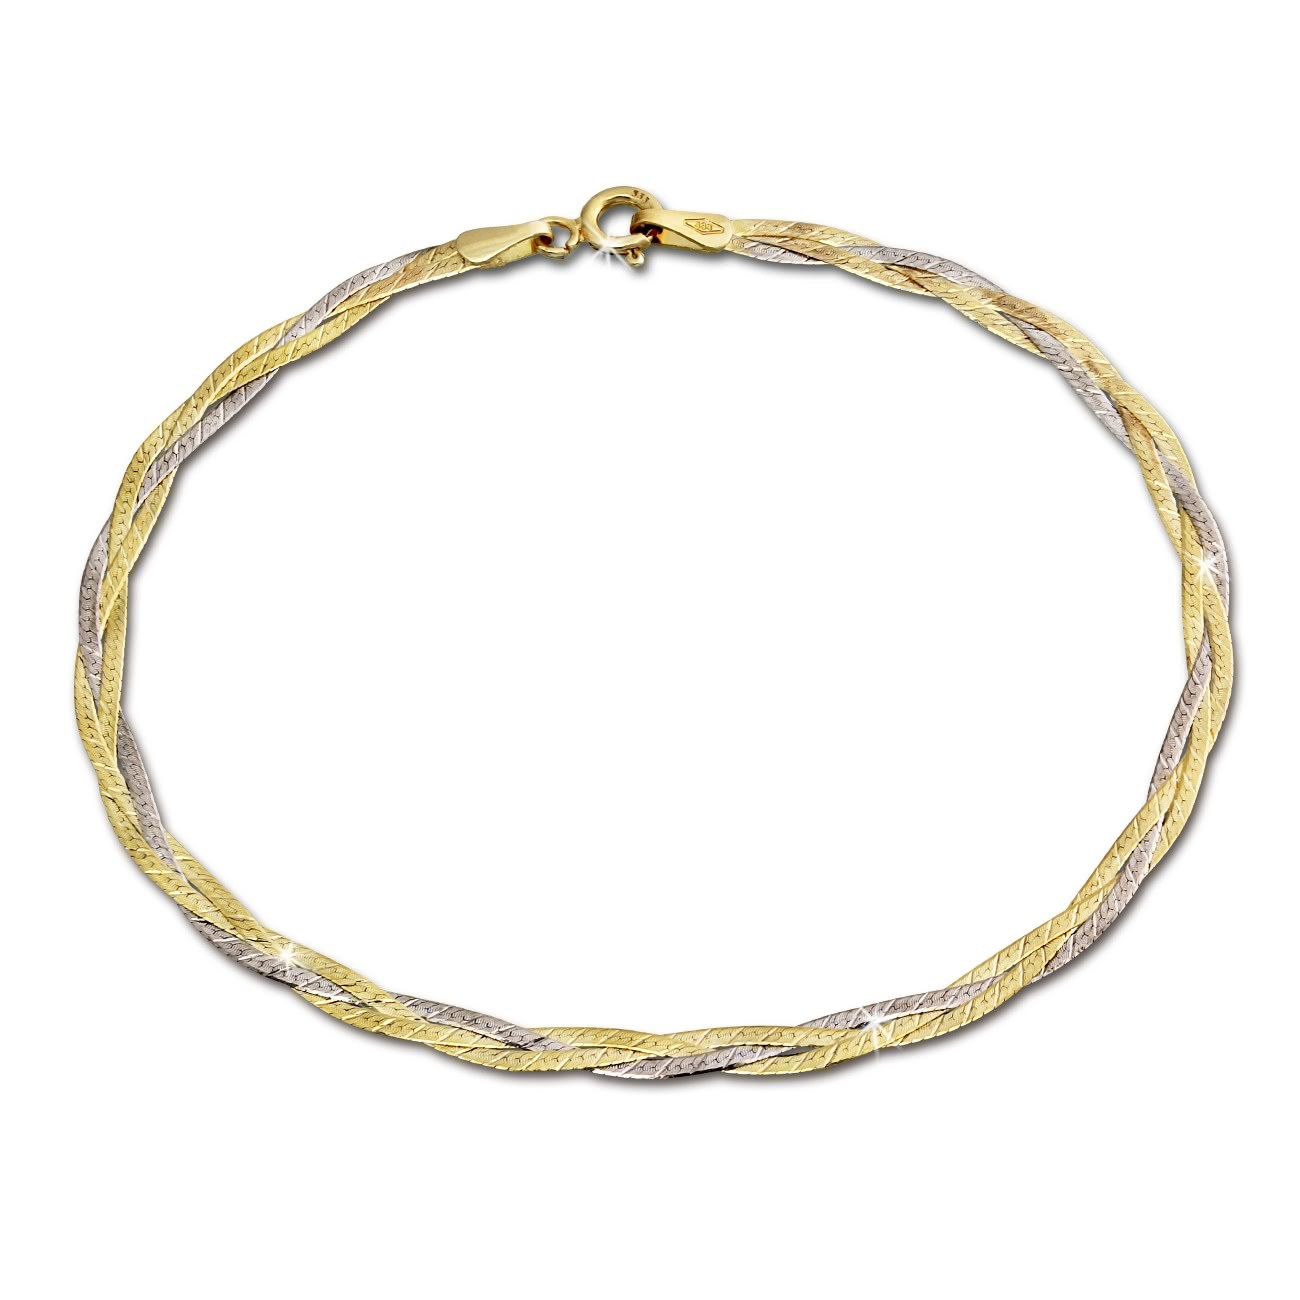 SilberDream Armband Geflochten 333 Gold Damen 19cm 8 Karat GDA0009T